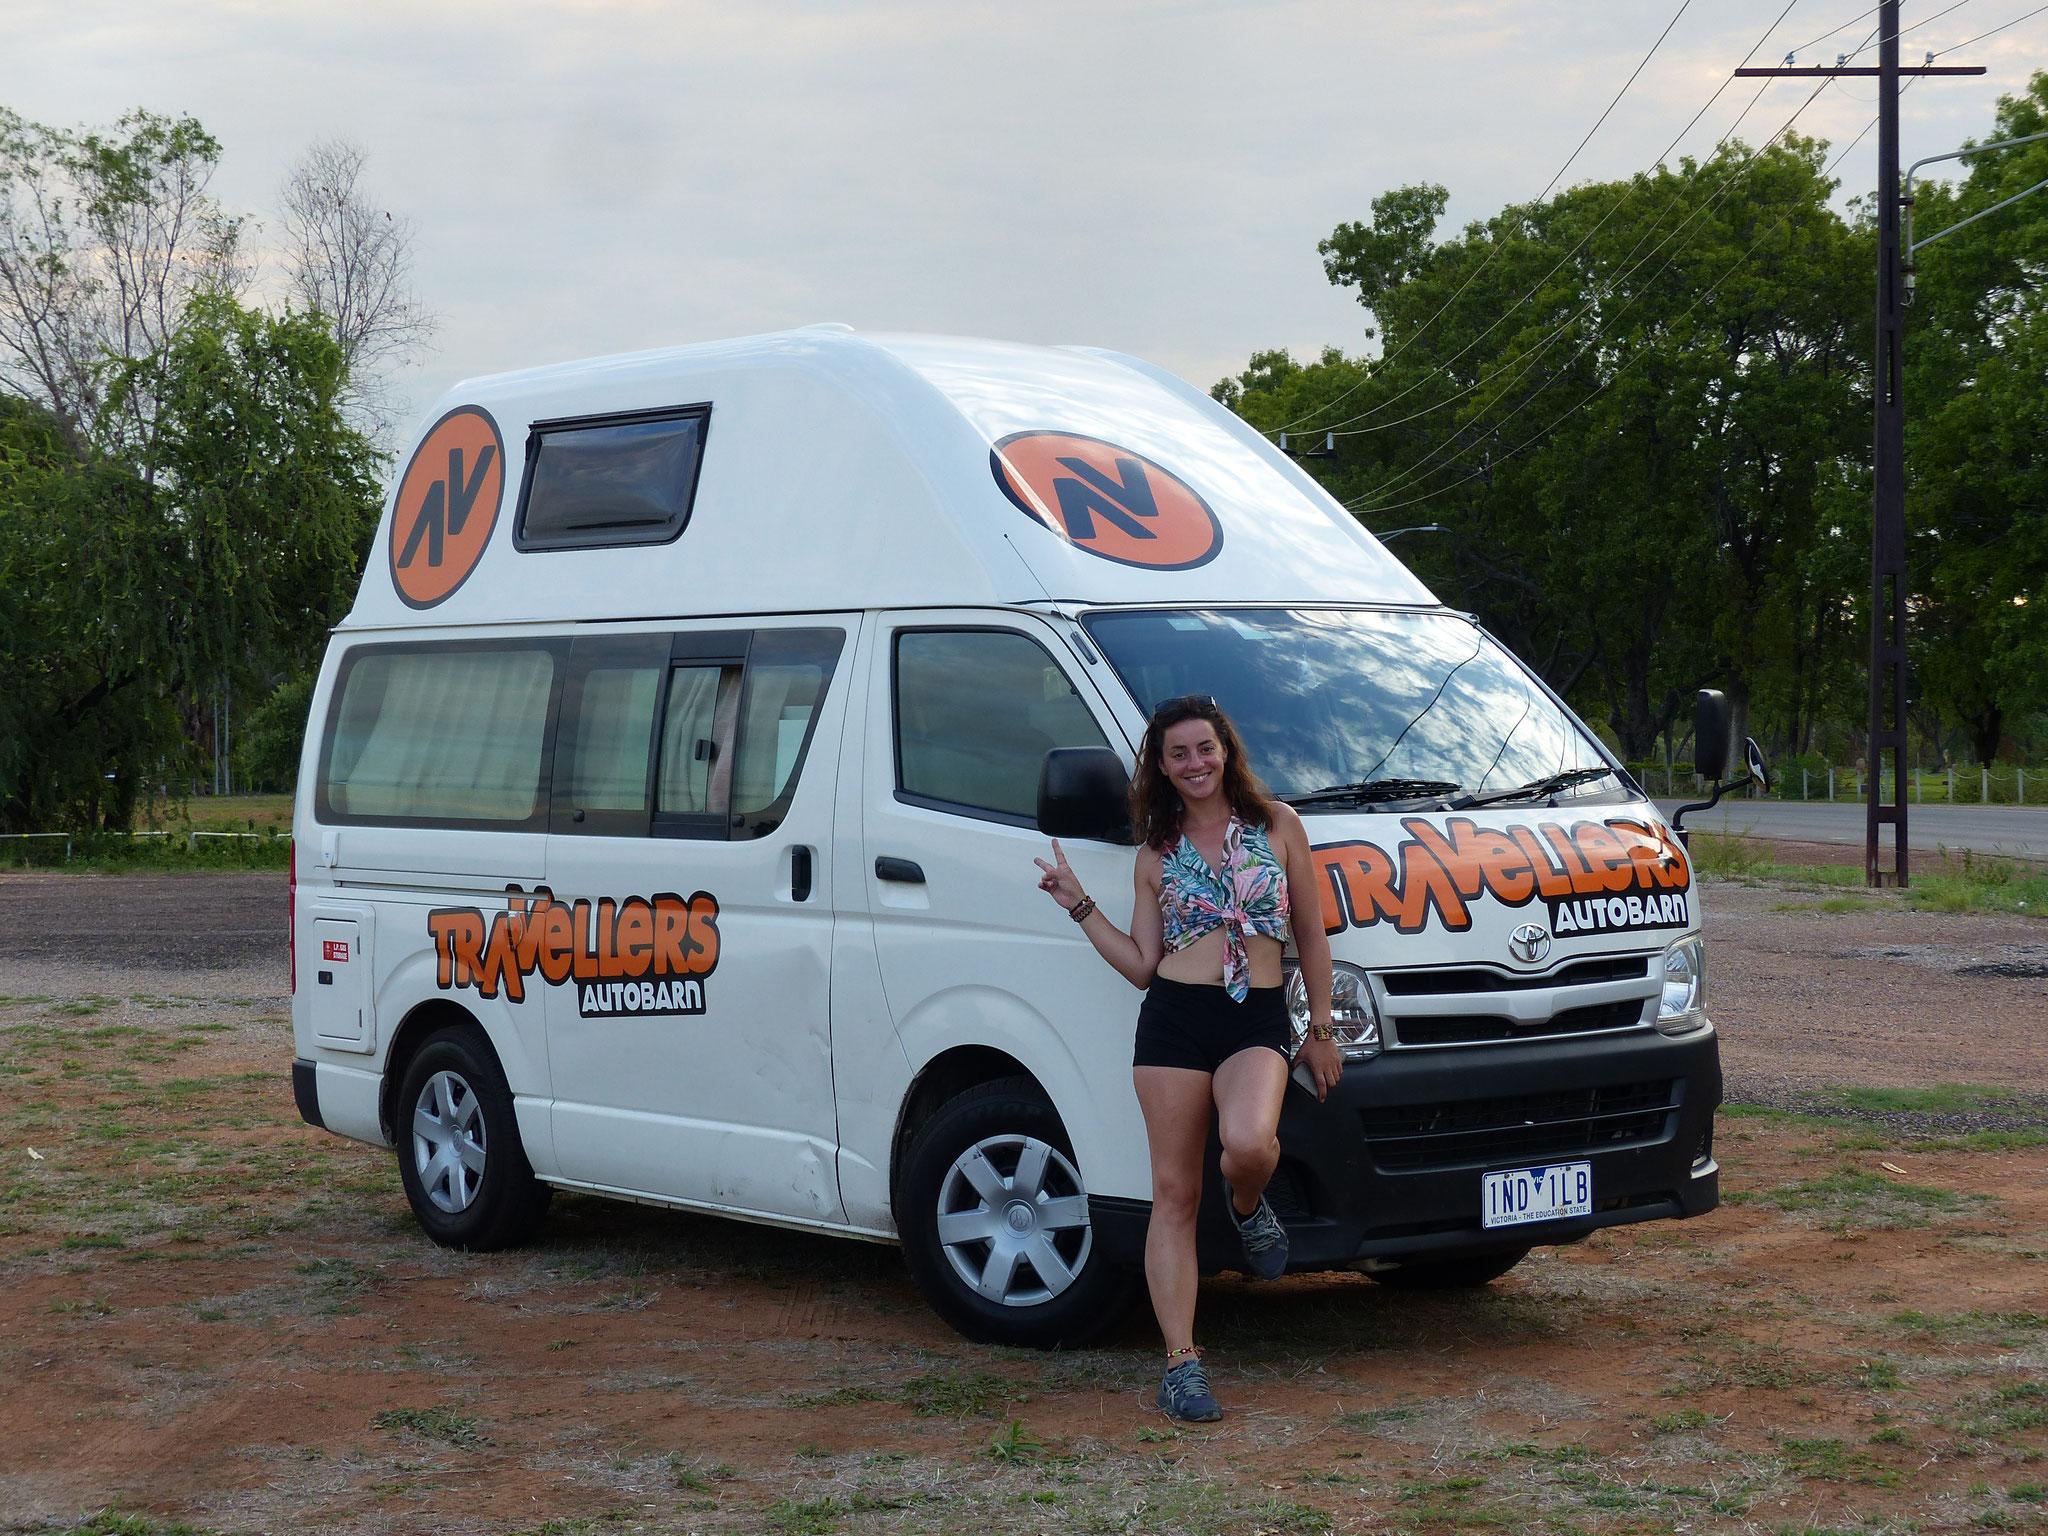 Et vous n'avez pas fini non plus de voir des photos de notre van!